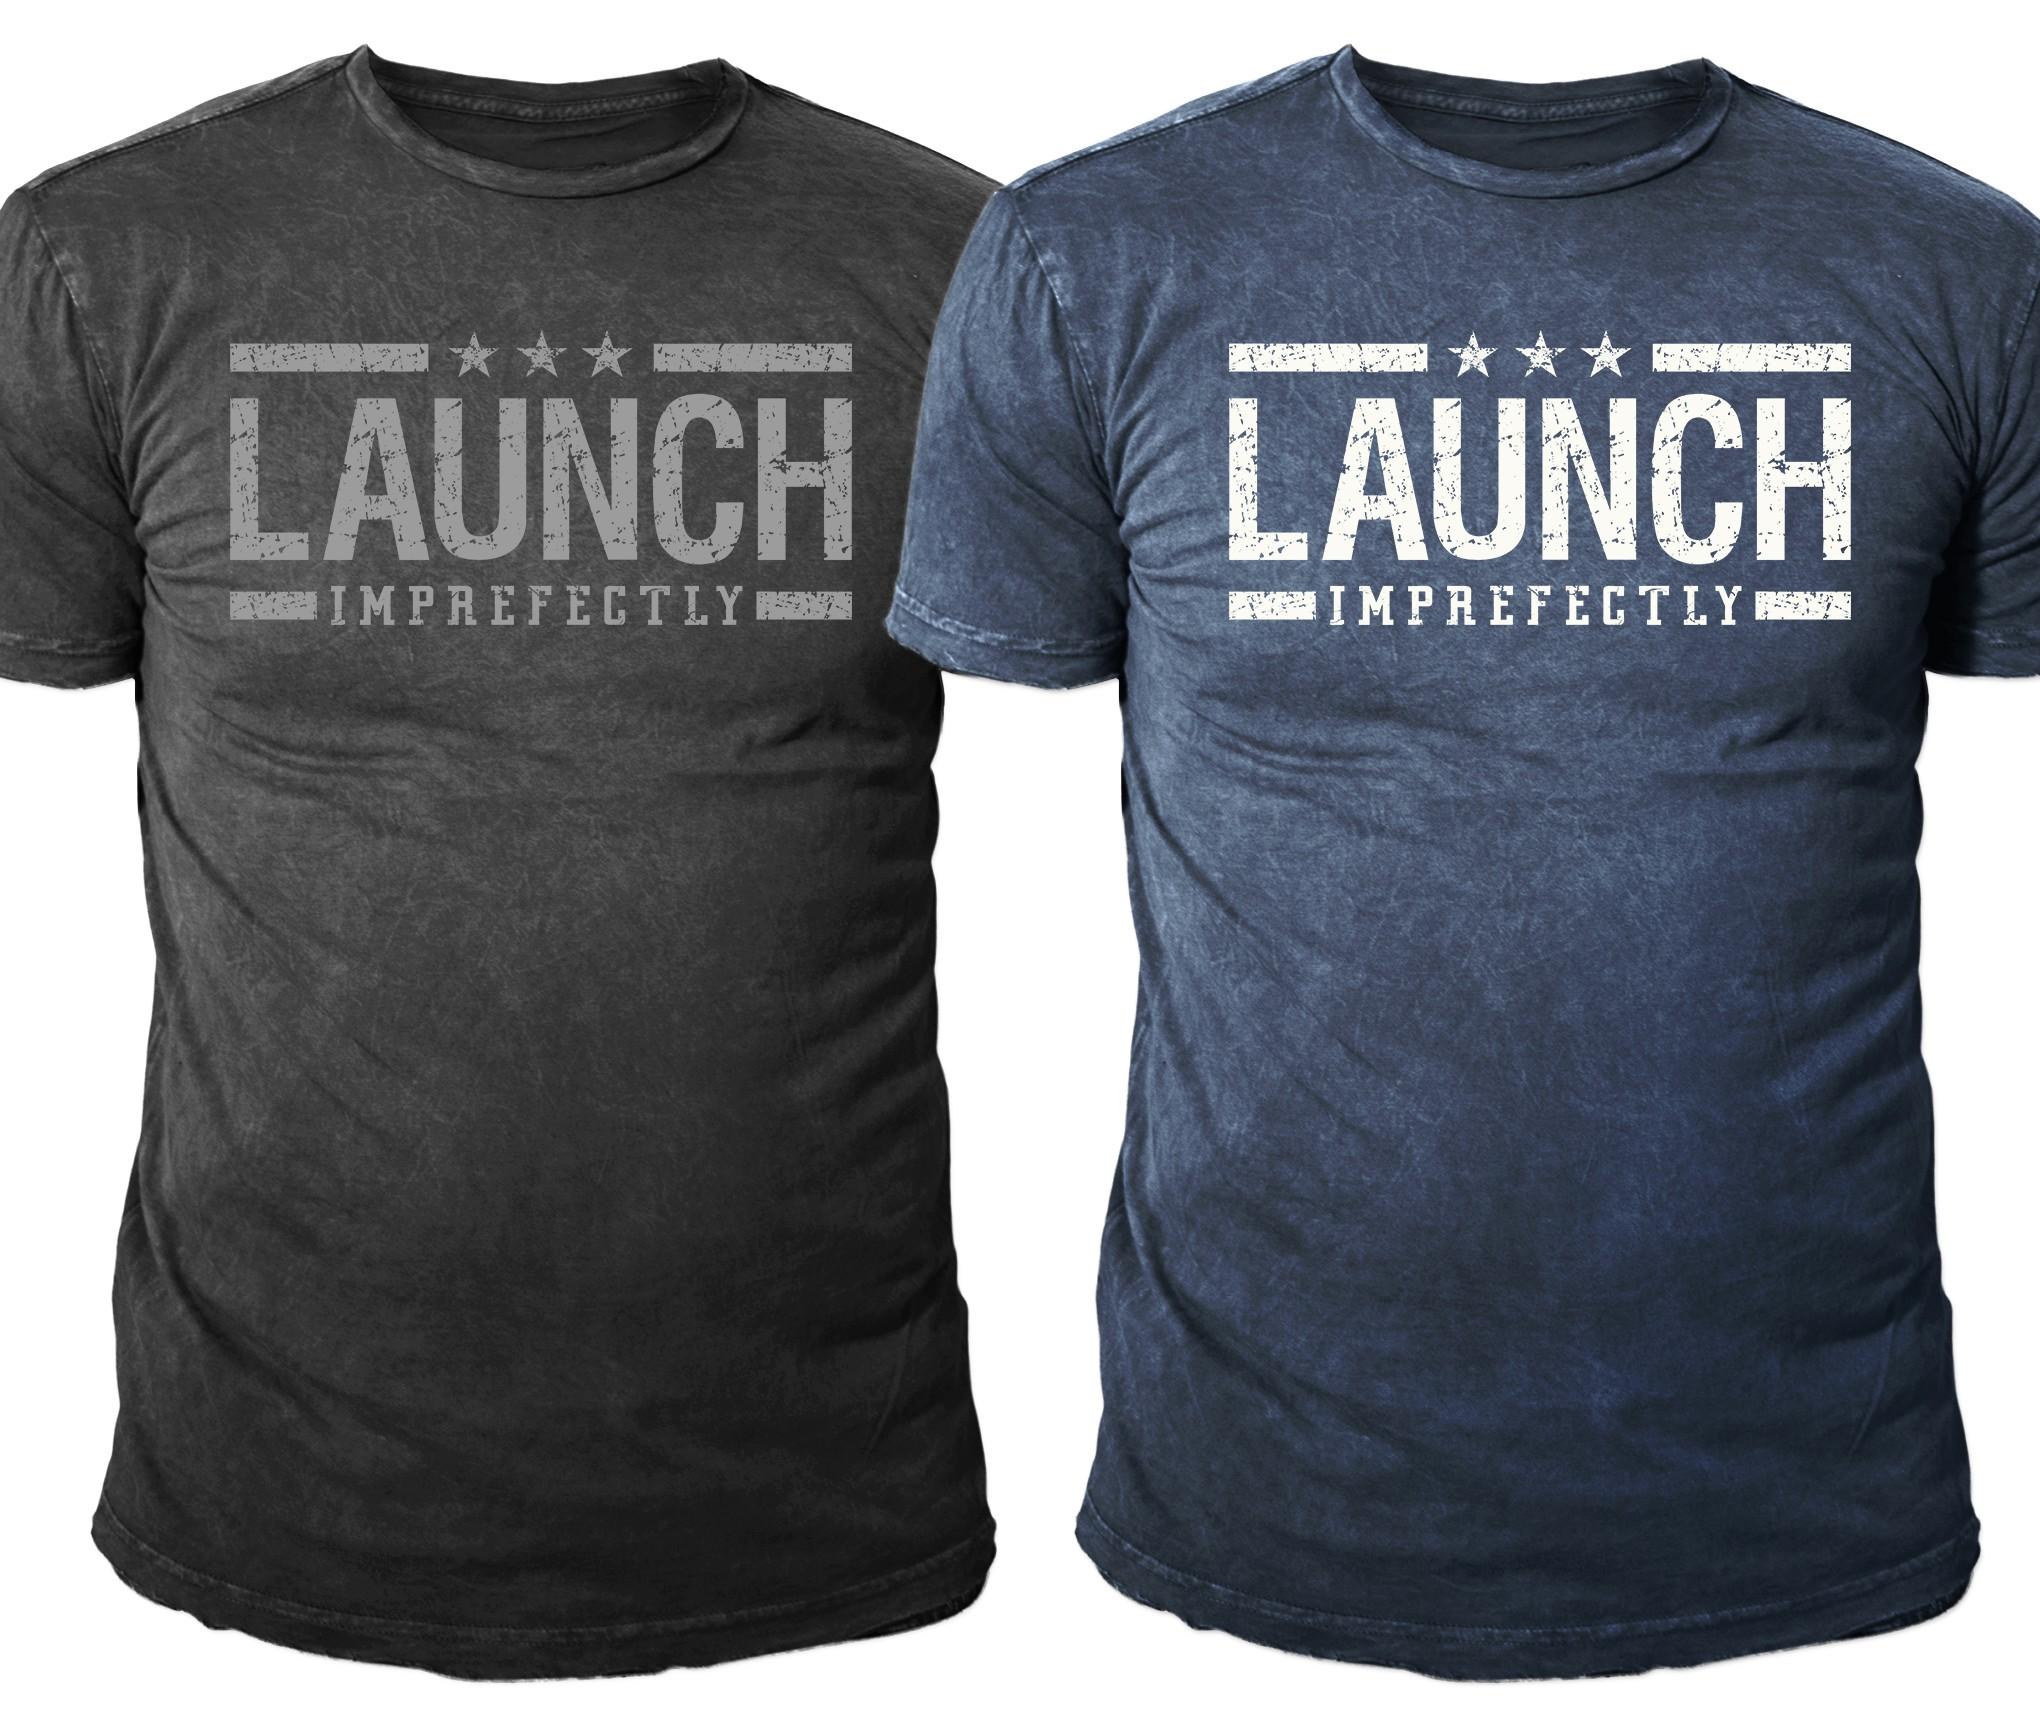 Design A Captivating Shirt For Our Apparel Brand